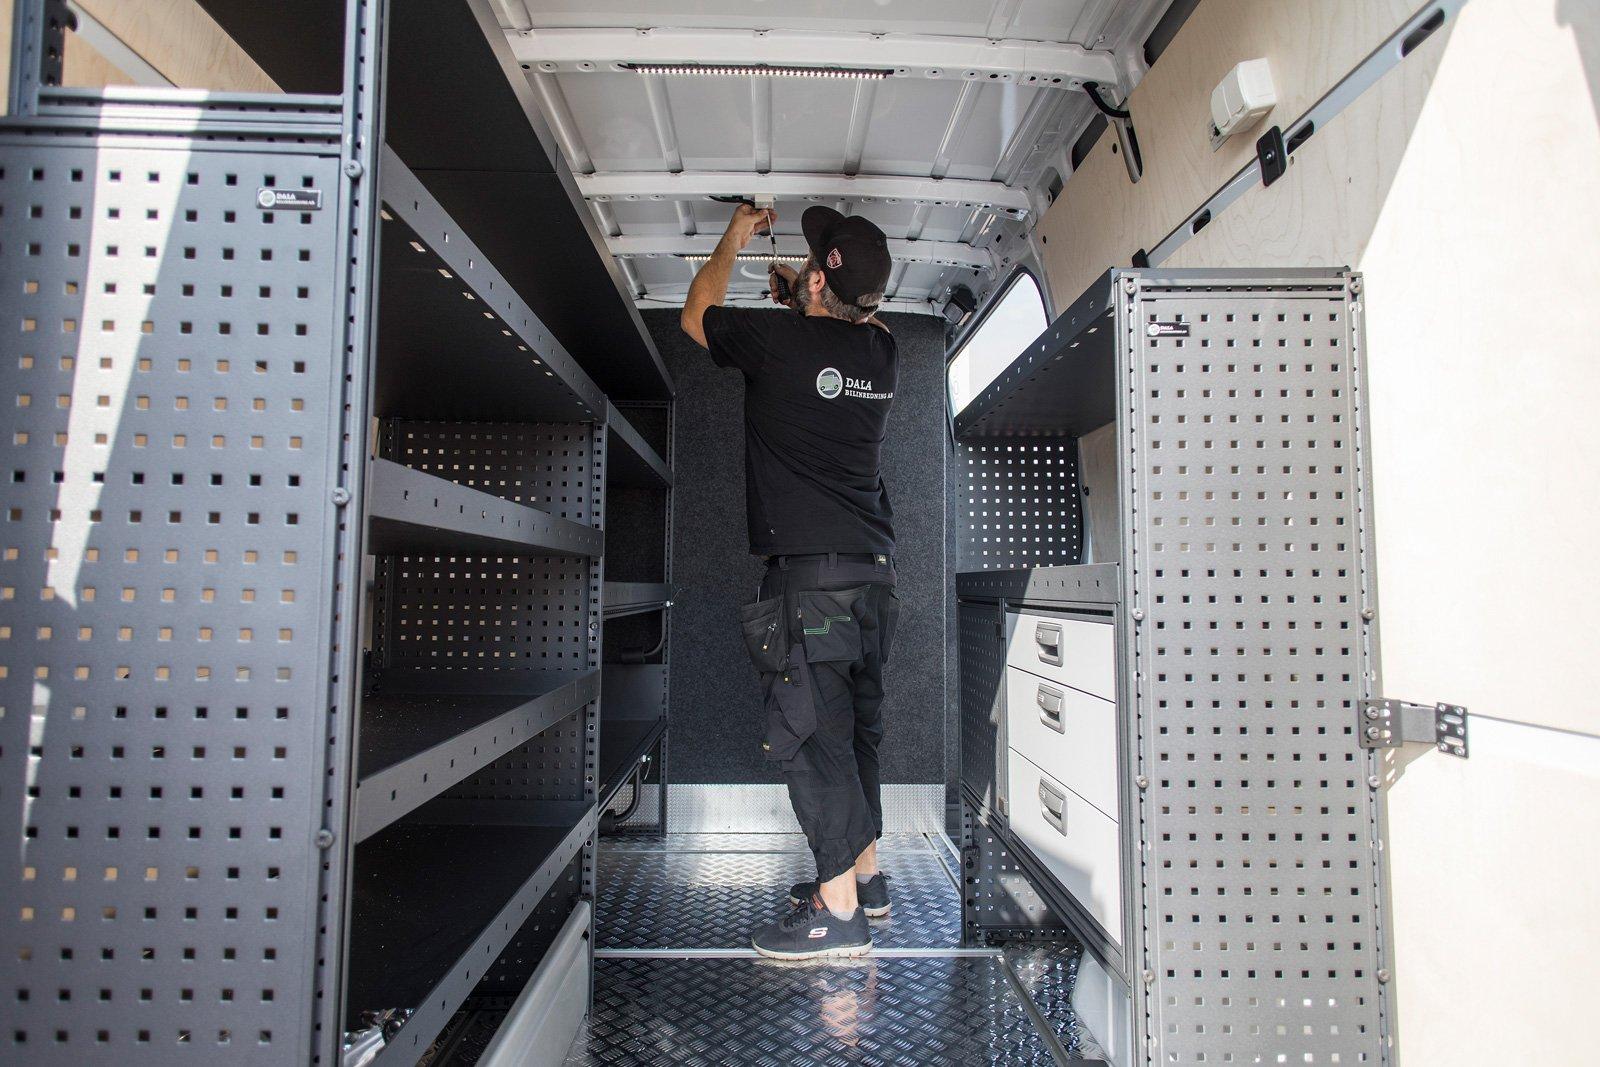 Dala Bilinredning i Borlänge bygger och monterar inredning i transportbilar efter kundens önskemål.